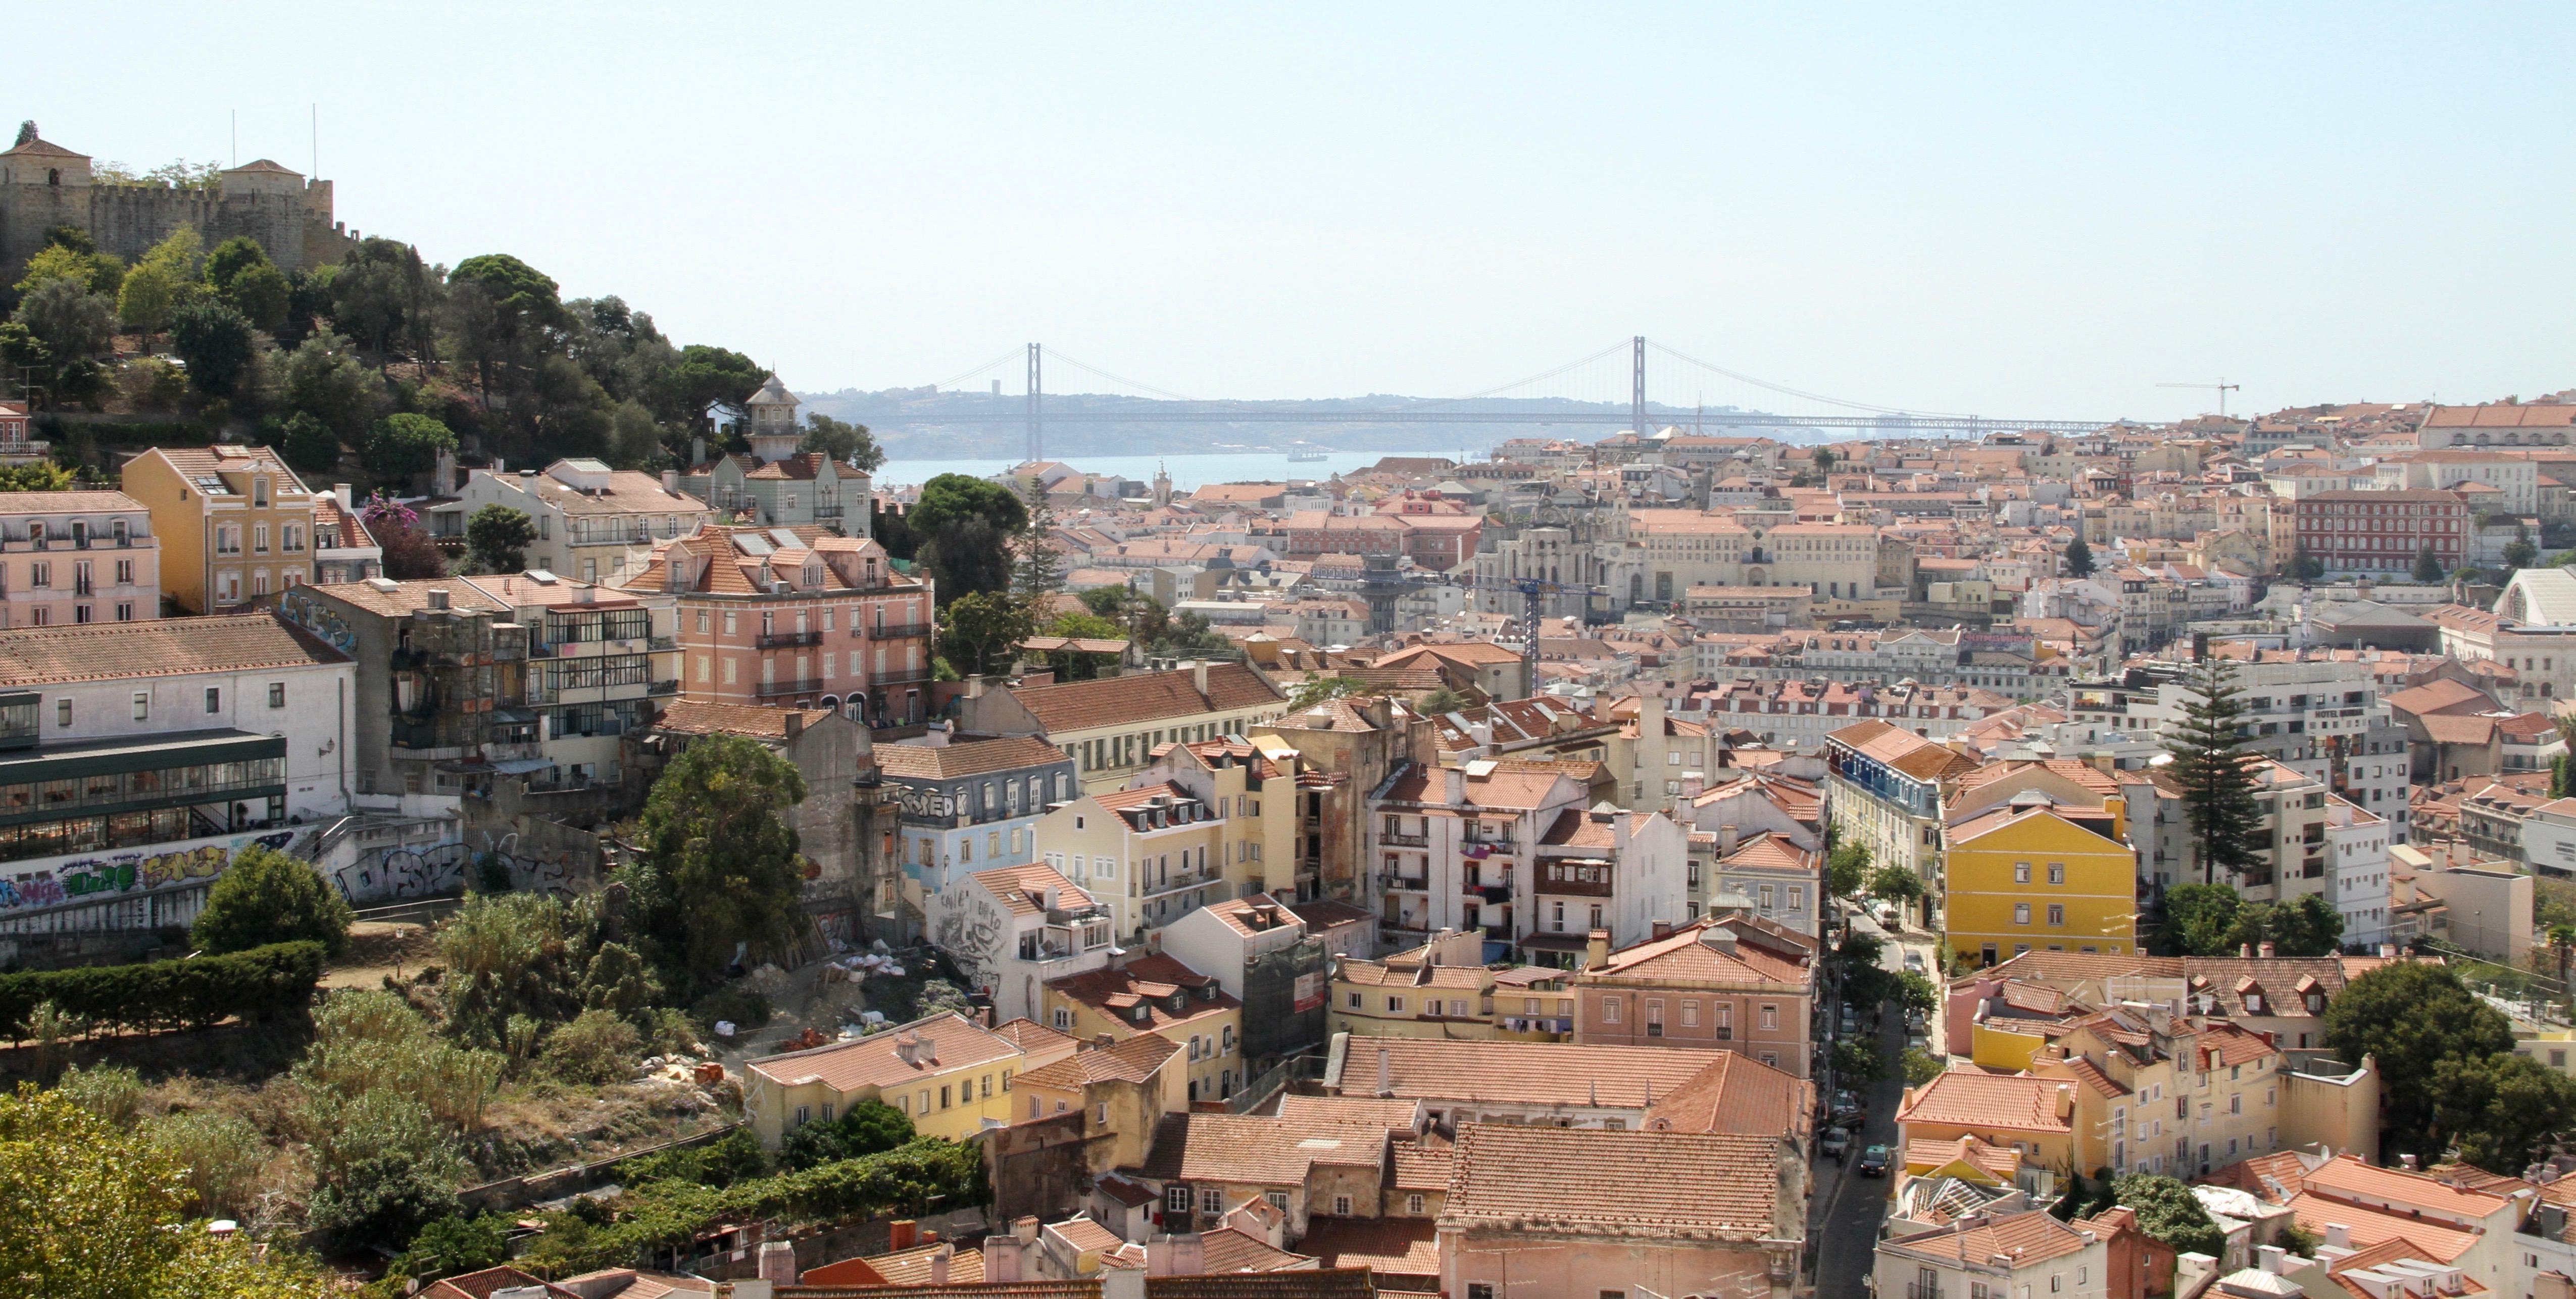 Vista do centro de Lisboa, com o Castelo de S. Jorge, no topo do morro à esquerda e a ponte 25 de abril, sobre o Rio Tejo, ao fundo no centro. Foto tirada no domingo, 15 de setembro de 2019.